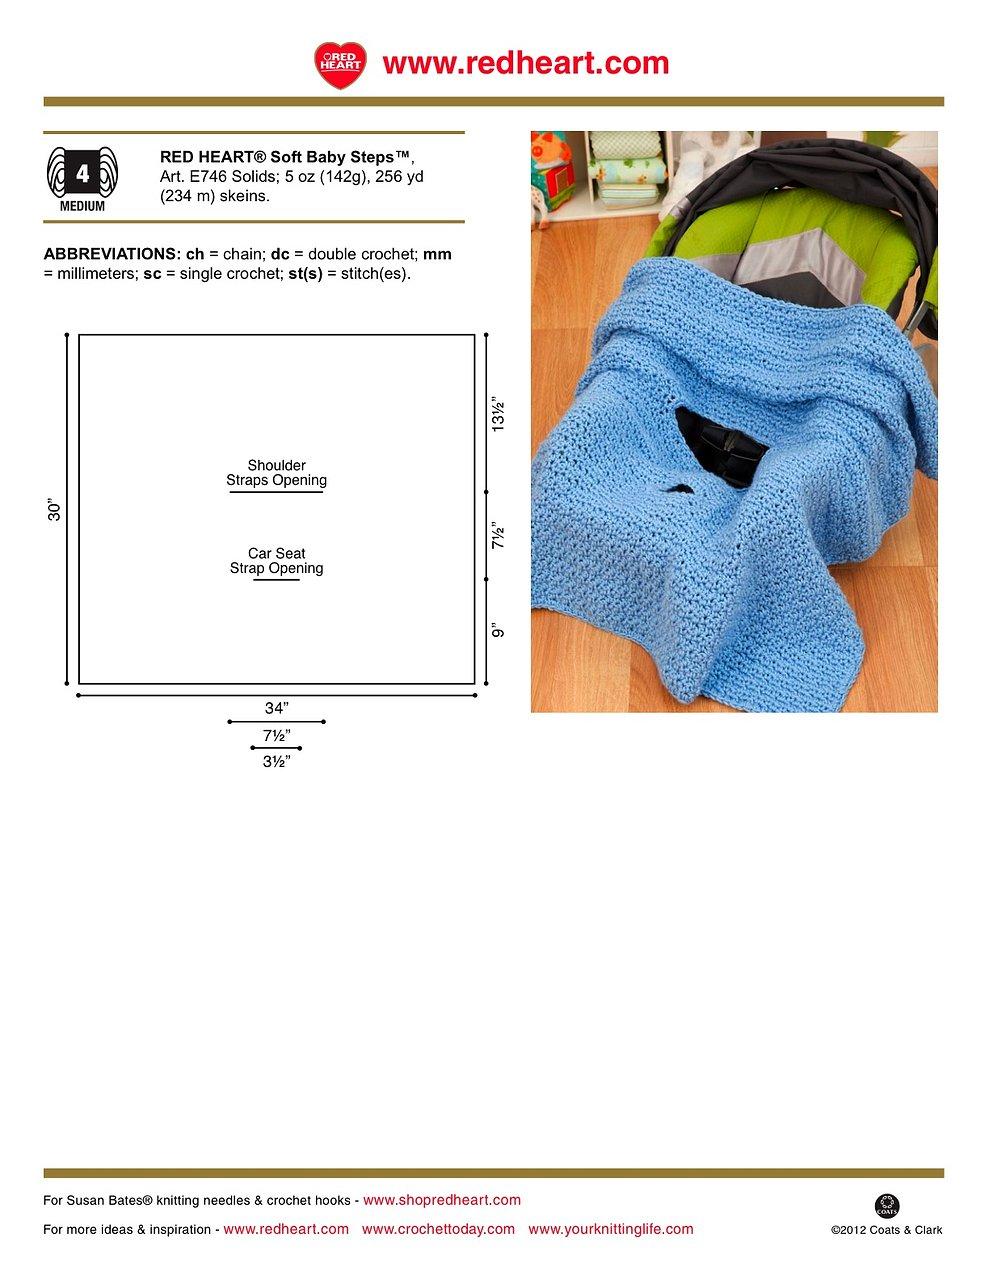 Car seat blanket crochet pattern car seat blanket crochet pattern 2 apr 2012 bankloansurffo Images